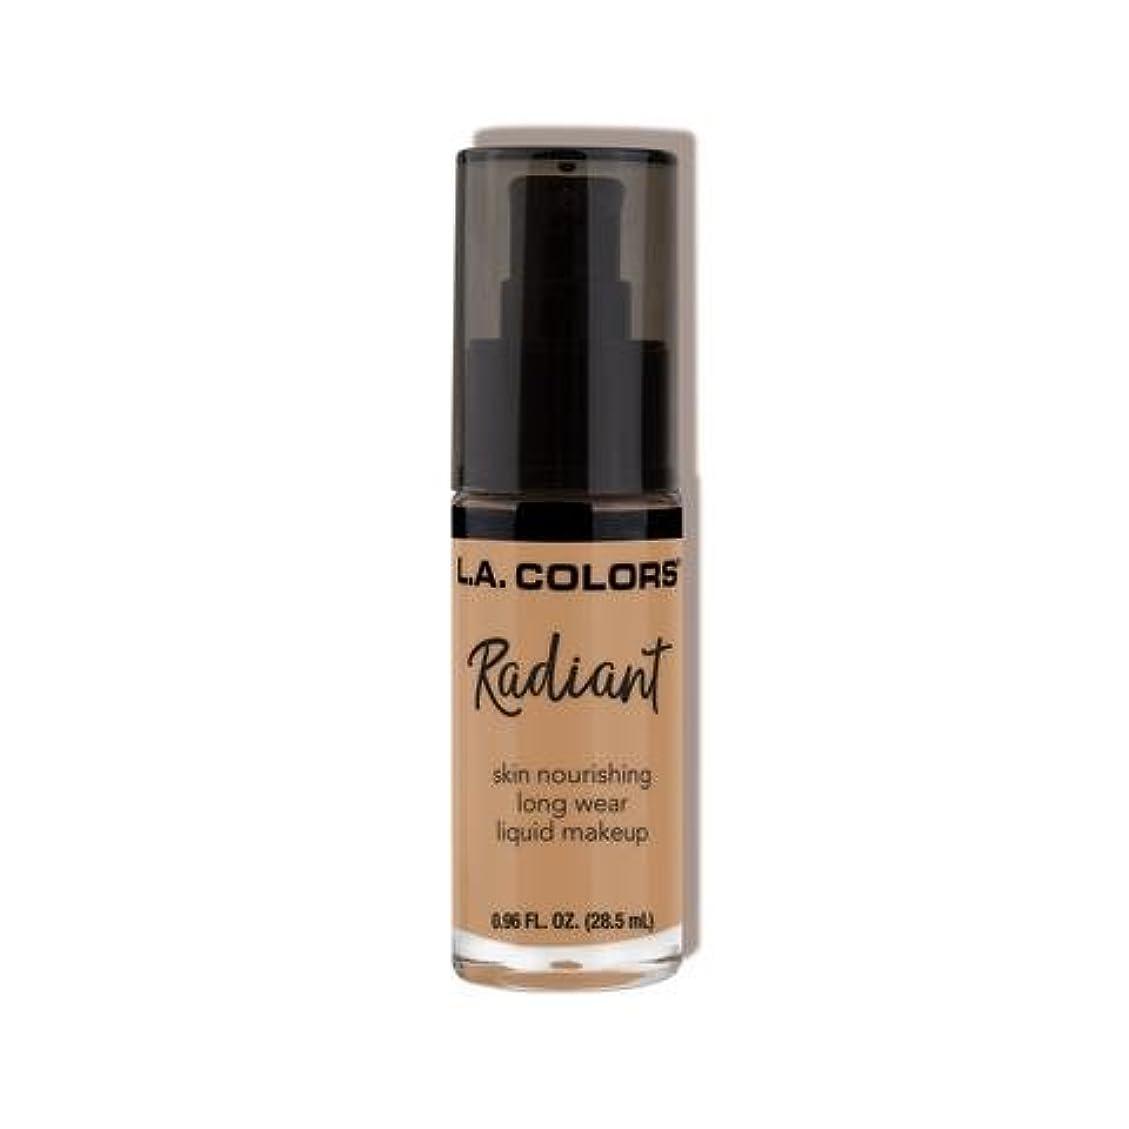 粗い仕える背景(6 Pack) L.A. COLORS Radiant Liquid Makeup - Light Toffee (並行輸入品)